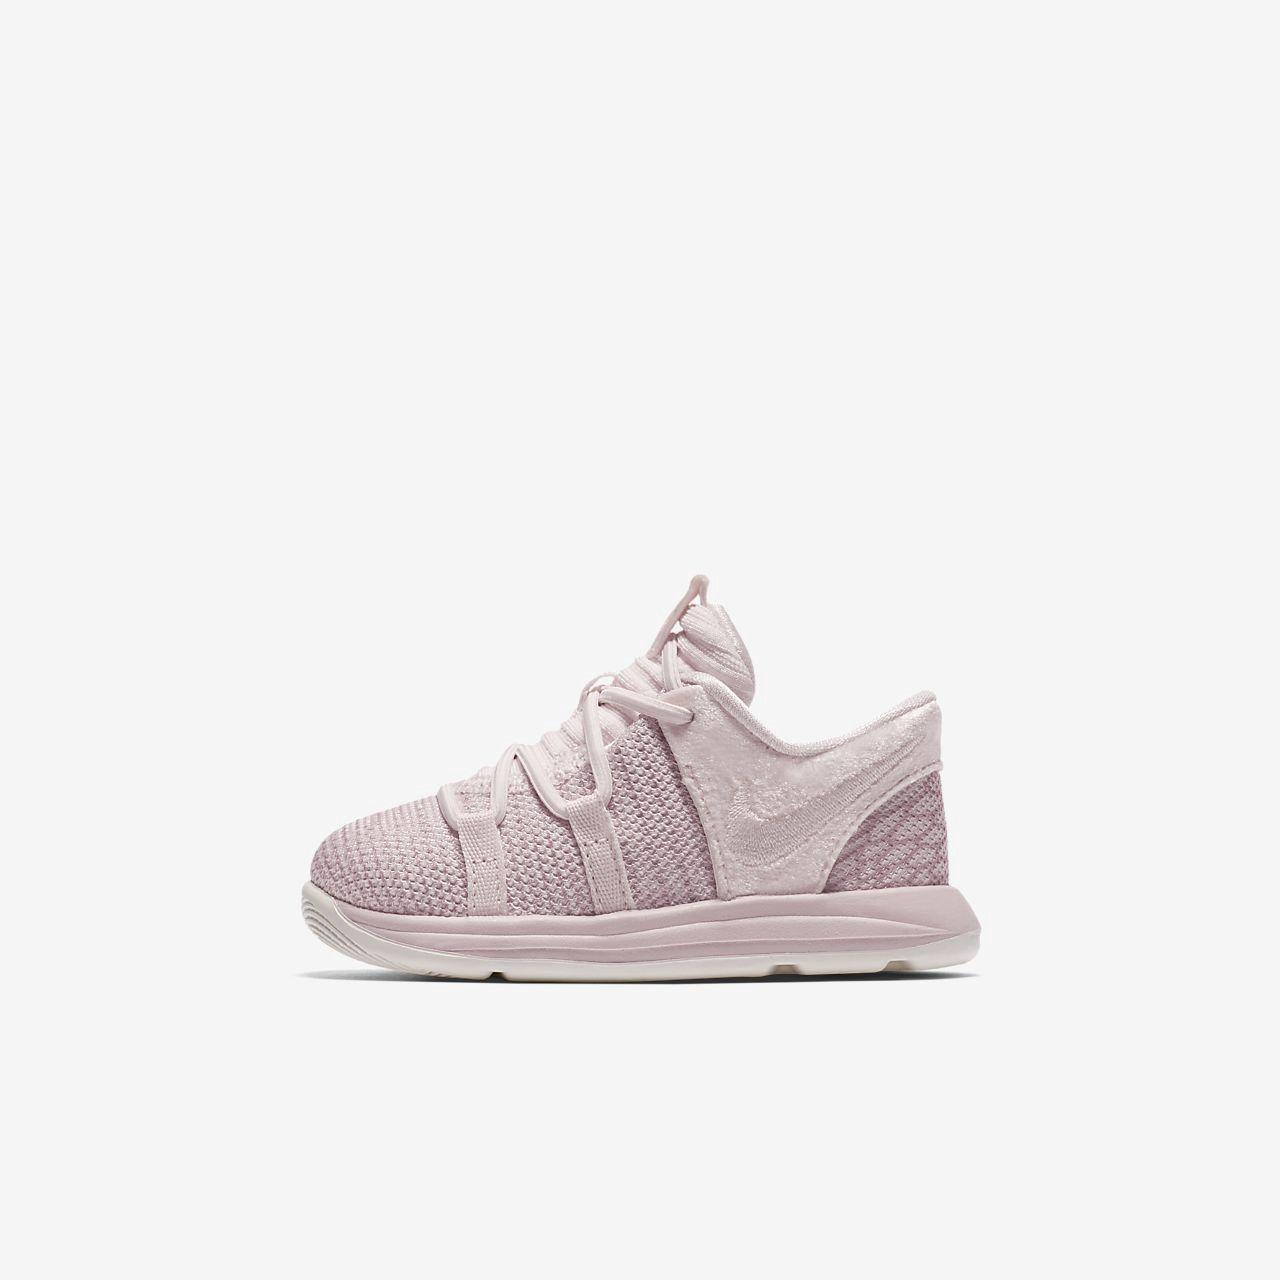 promo code 870e8 ae7ad Nike Zoom Kdx